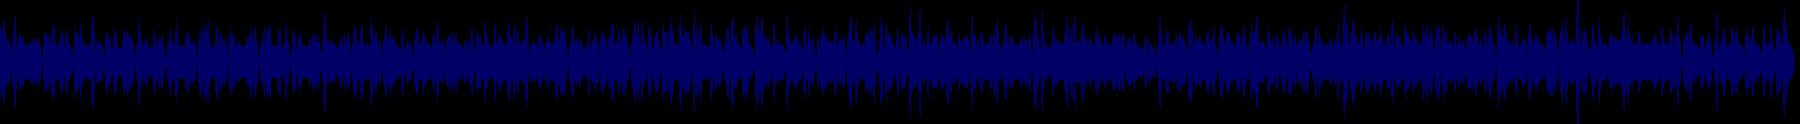 waveform of track #74300